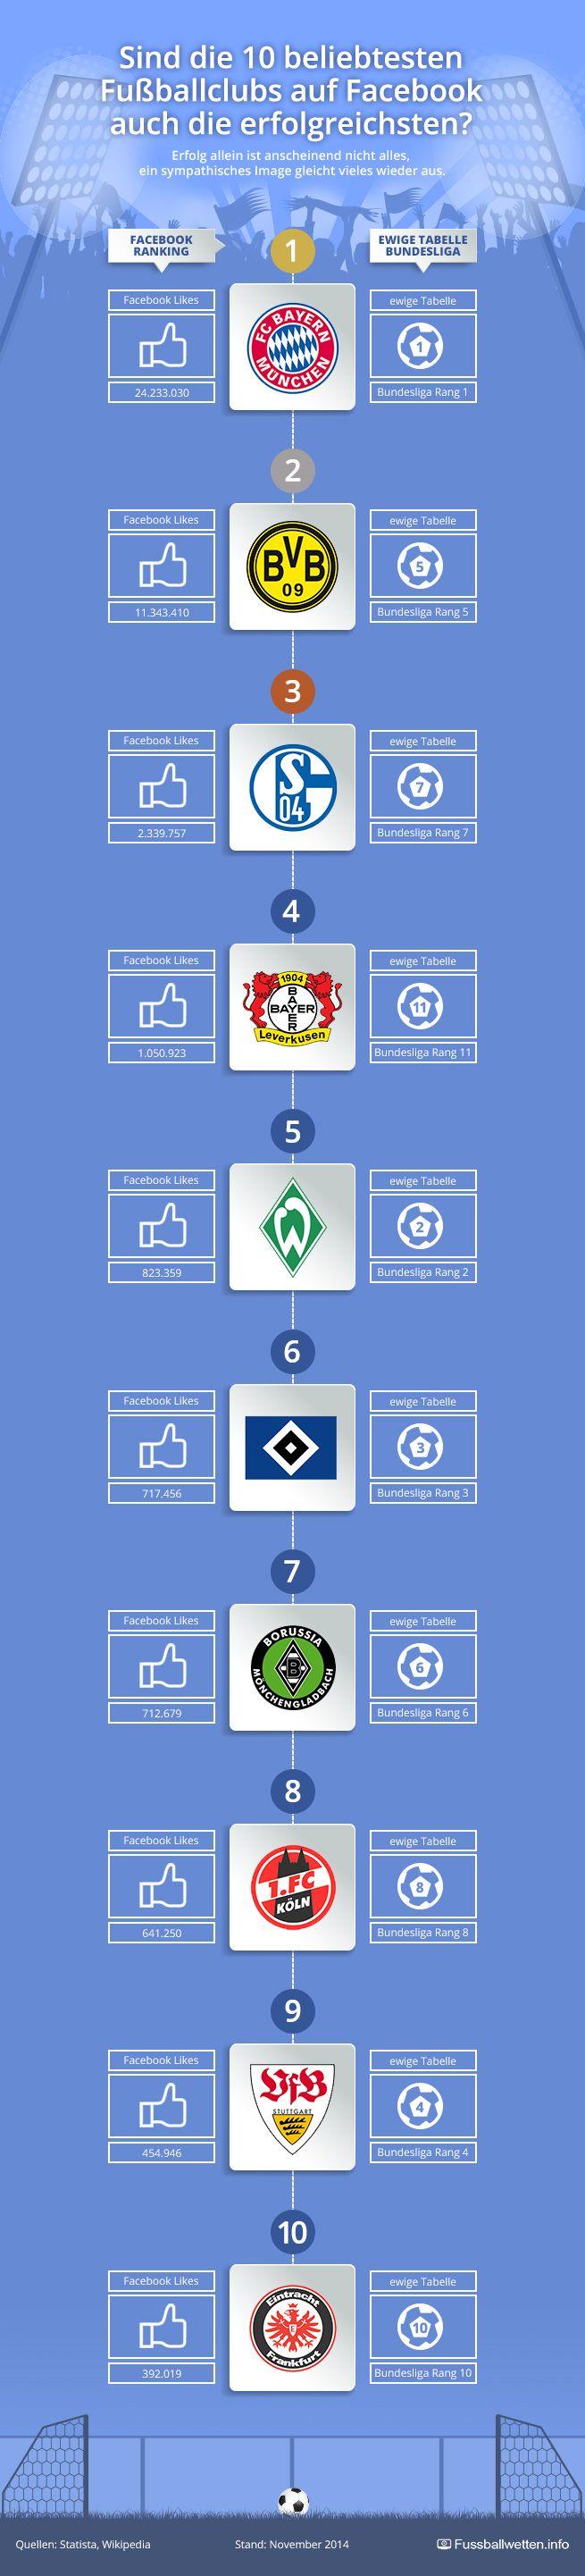 Wetten auf die erste Bundesliga - Socialmedia Facebook vs. Rangliste der Bundesliga  http://www.fussballwetten.info/wetten-auf-die-1-bundesliga/